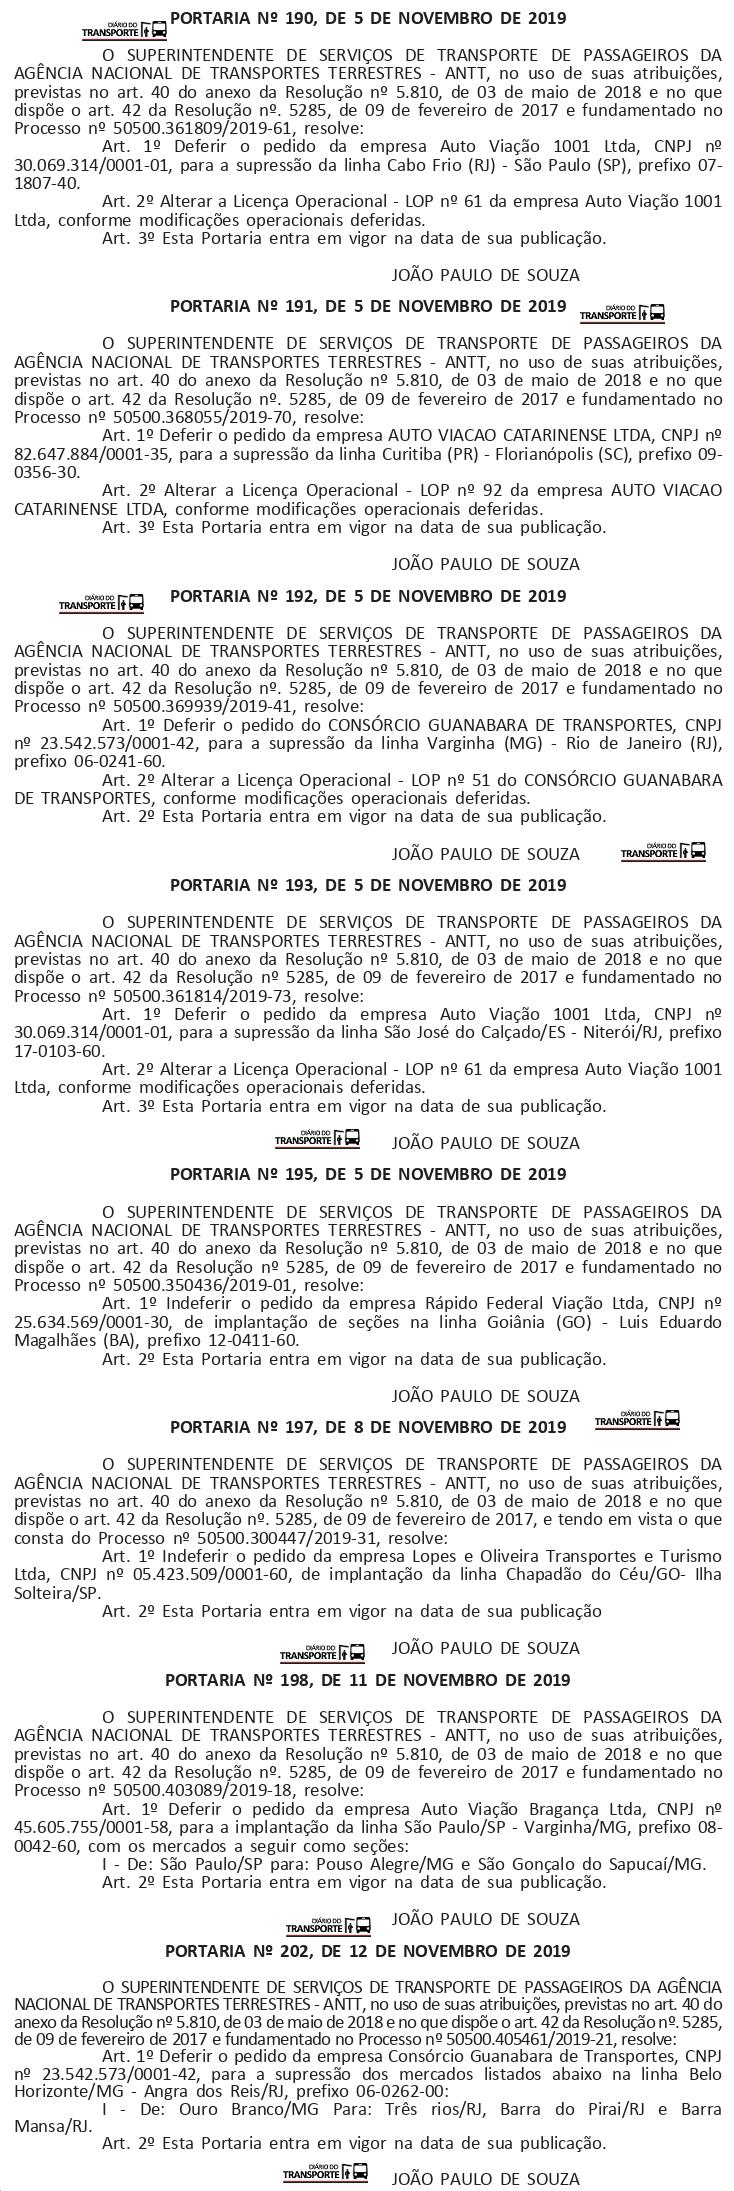 portarias_03_23jan